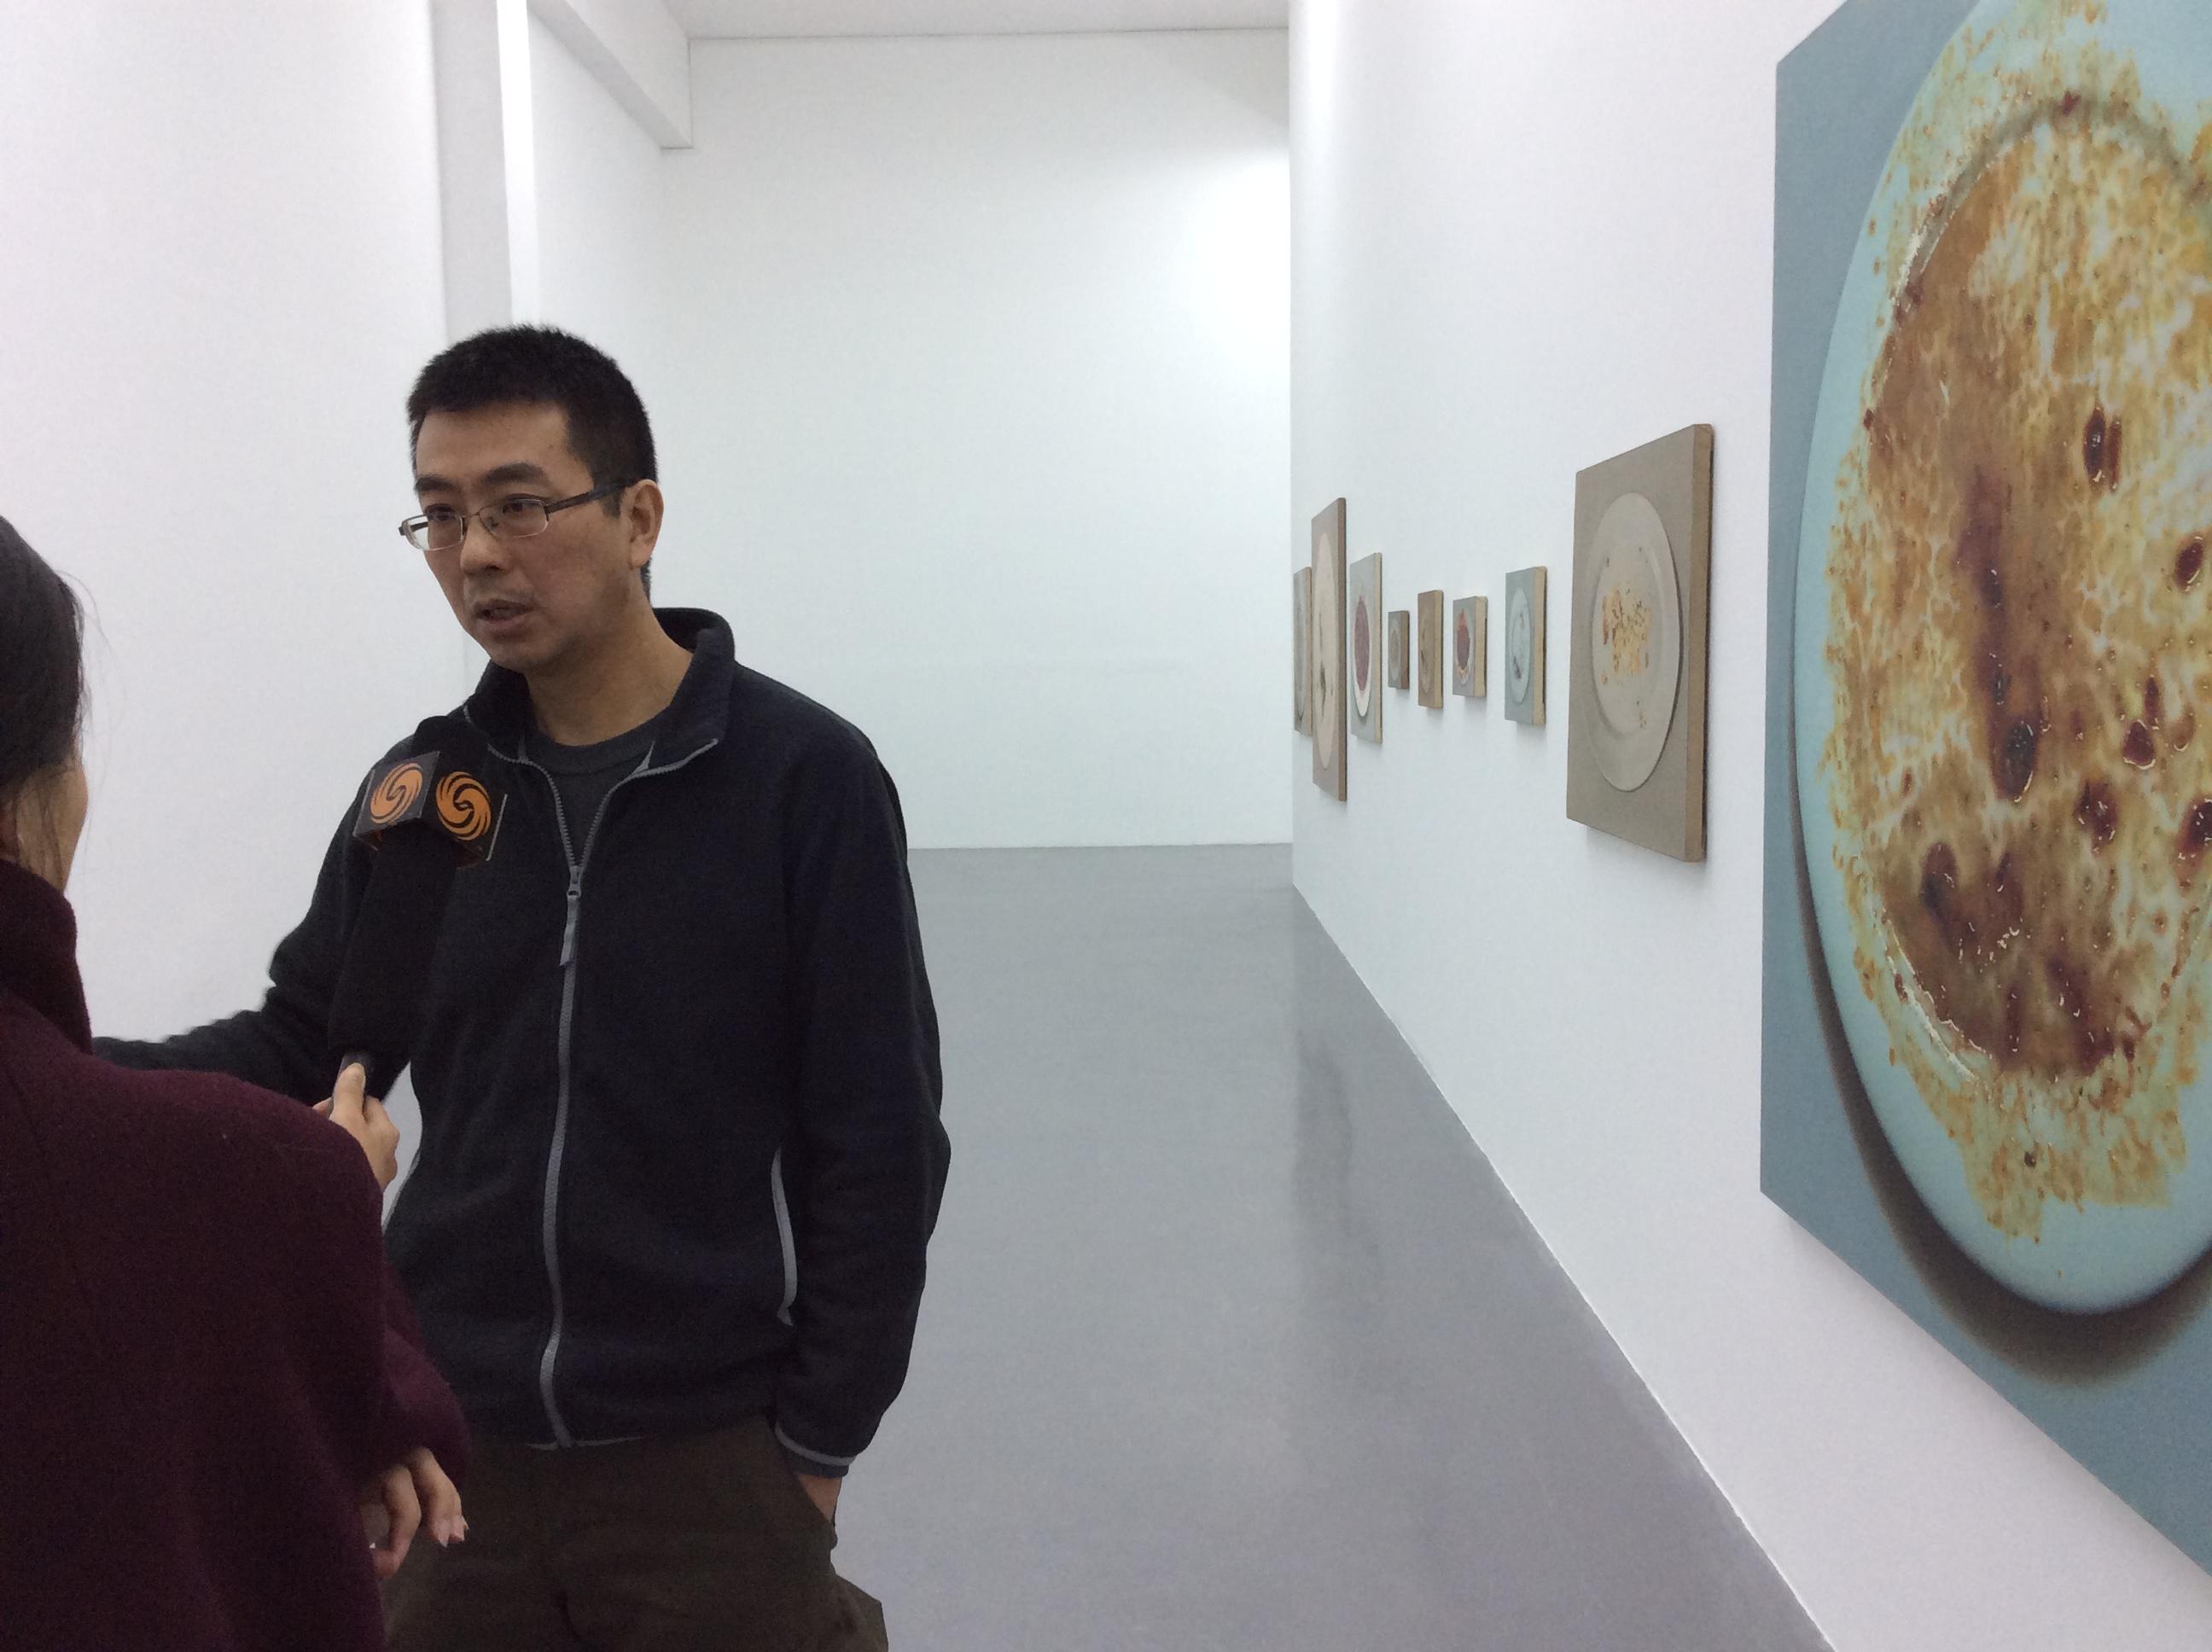 艺术家朱昱长征空间开展谈过往:对自己也是很大的伤害